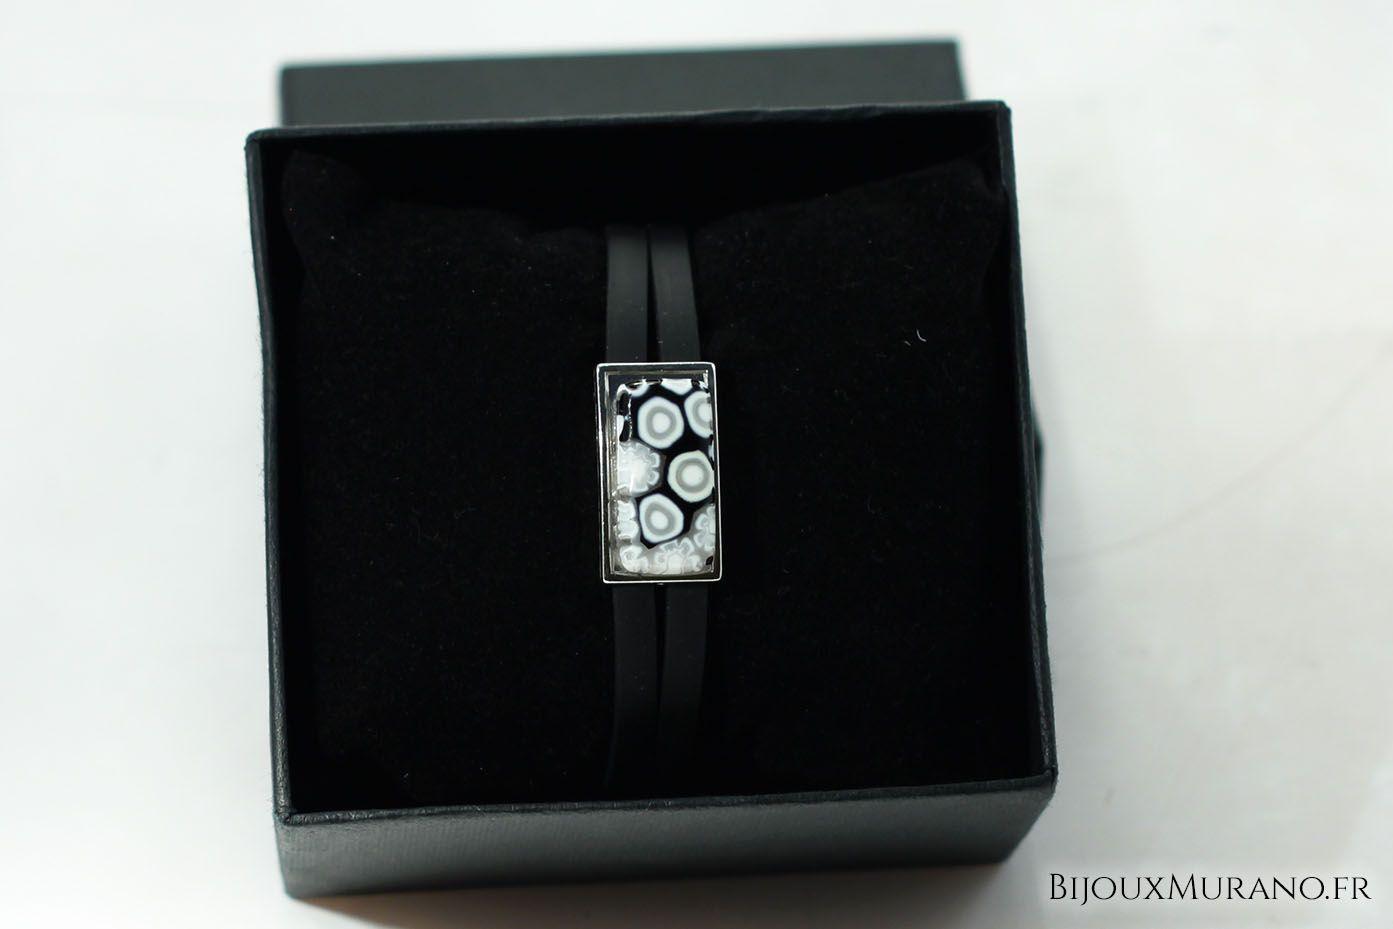 Bracelet Cloe Noir : Le bracelet Cloe est composé  d'un tour de poignet en caoutchouc surmonté d'une plaque en verre de Murano contenant des murines #BijouxMurano #Noir #Blanc #Murano - bijouxmurano.fr